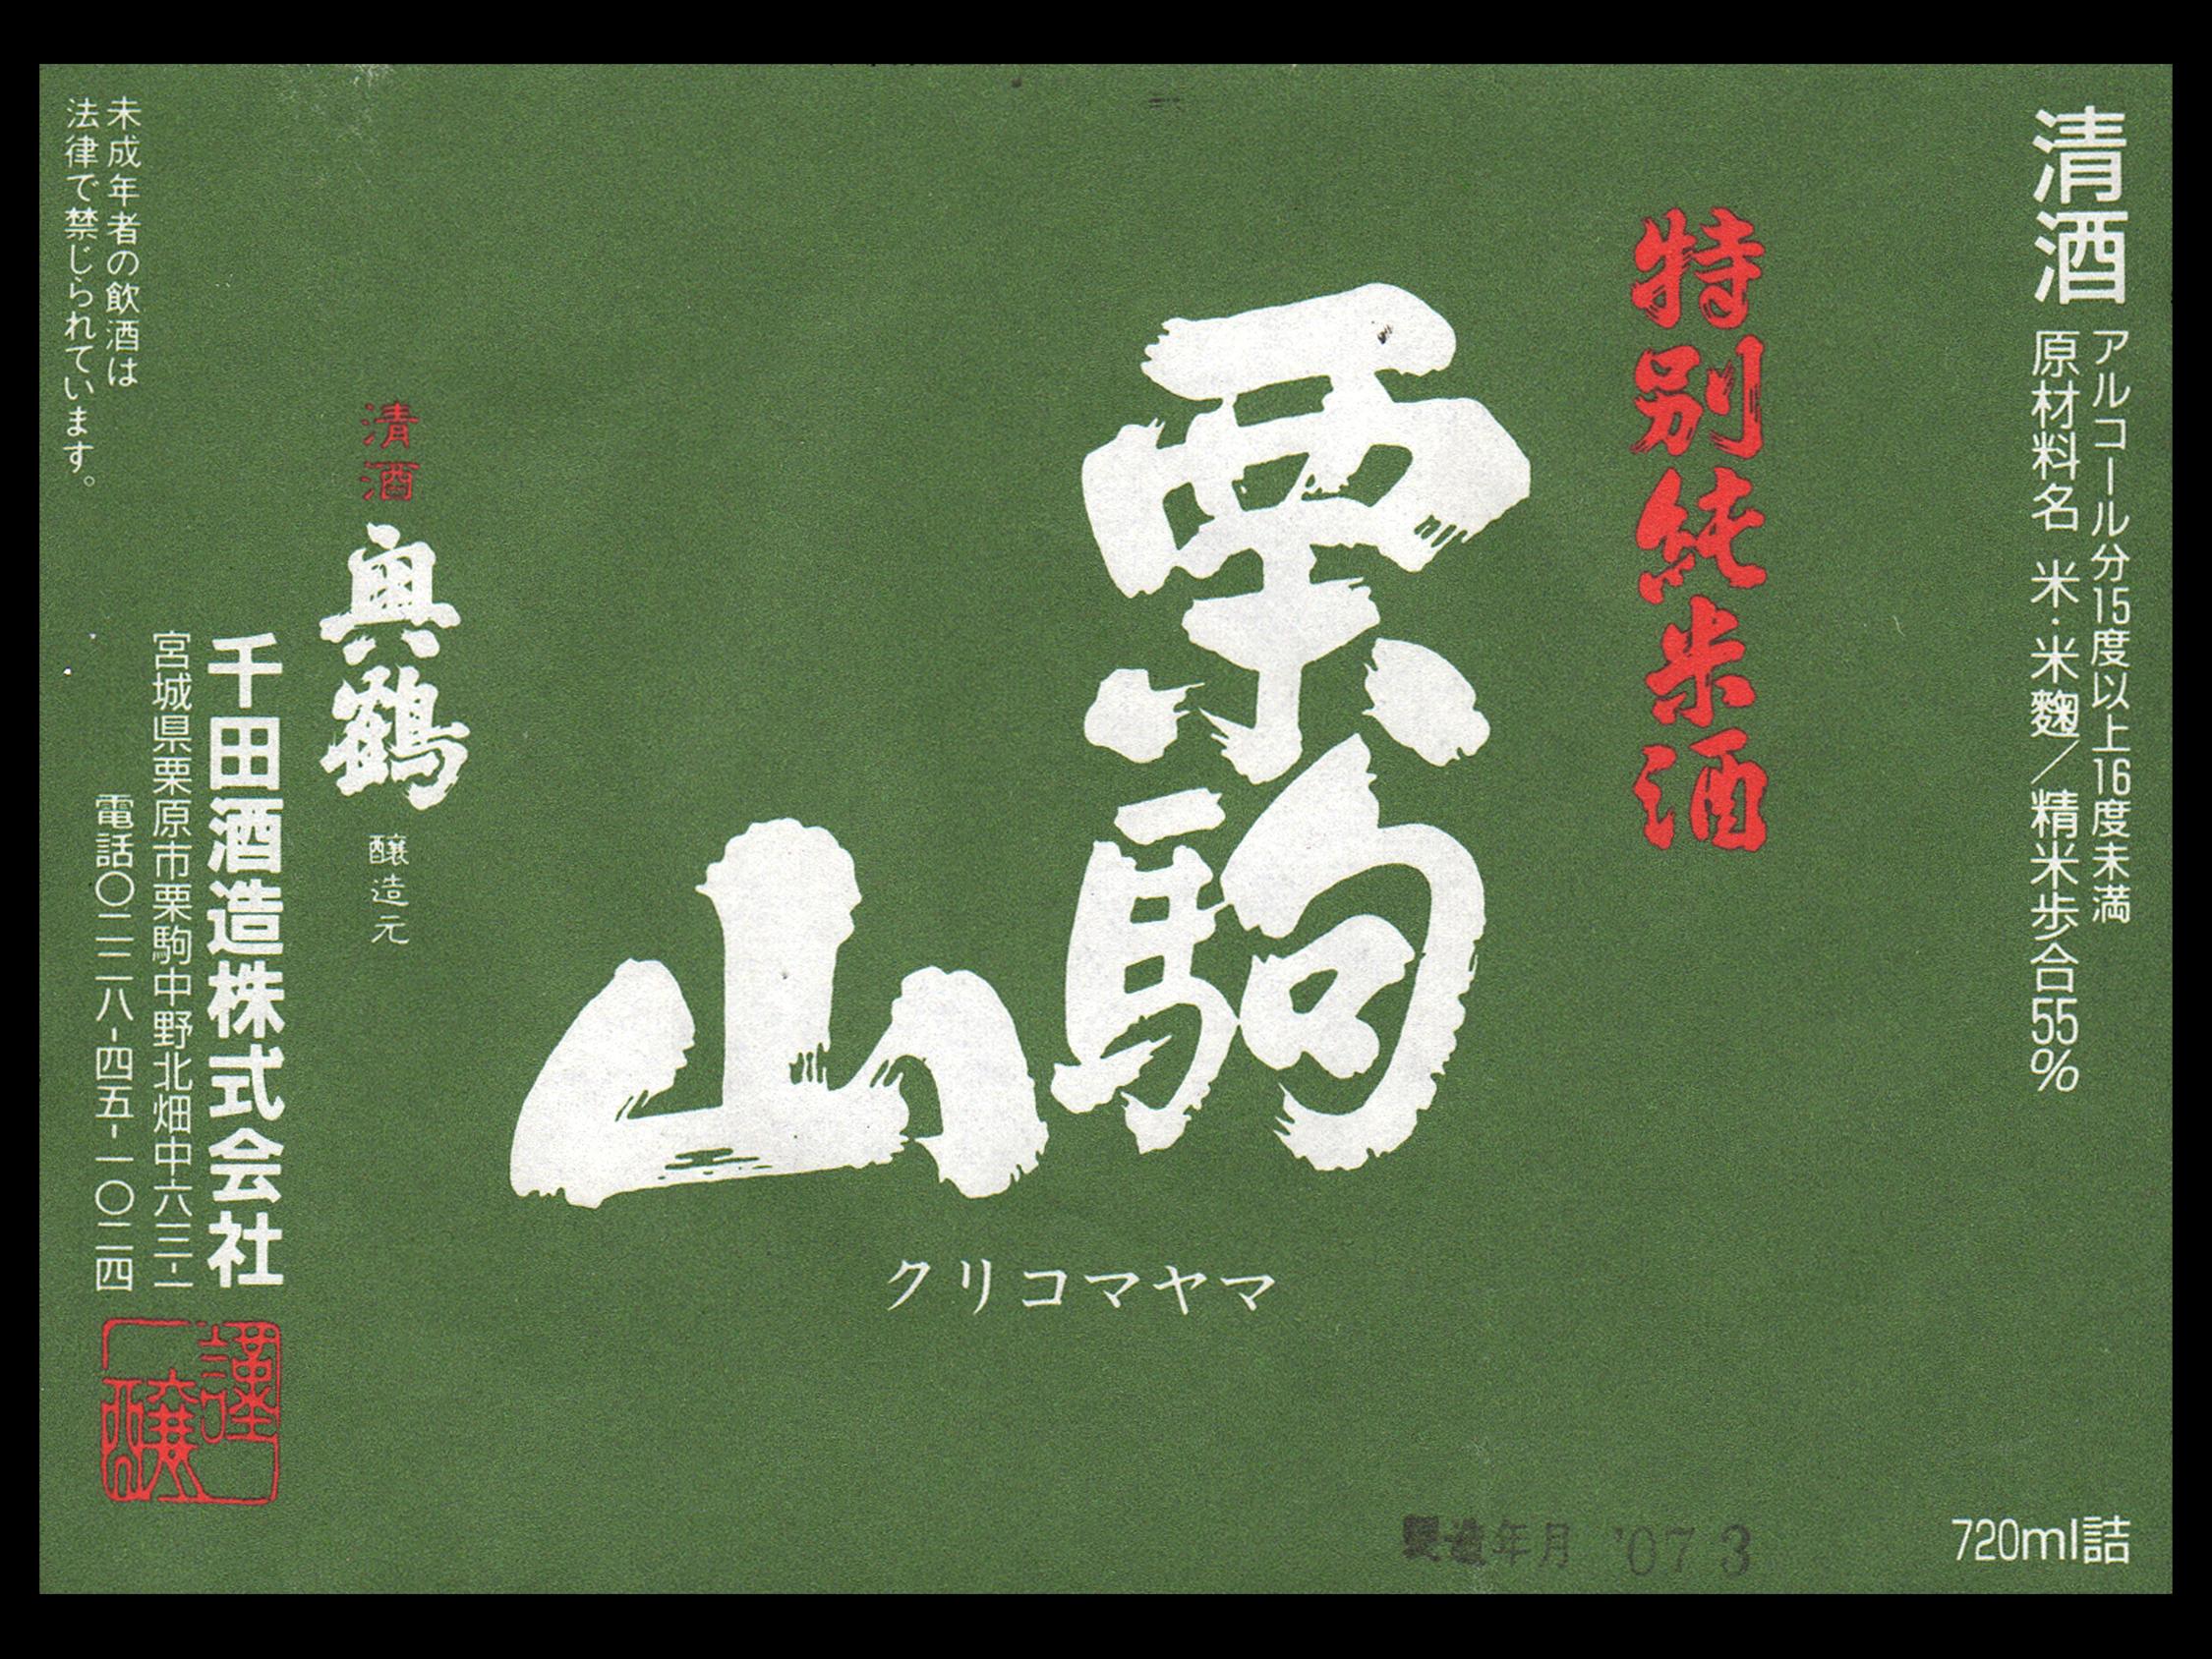 栗駒山(くりこまやま)「特別純米」ラベル